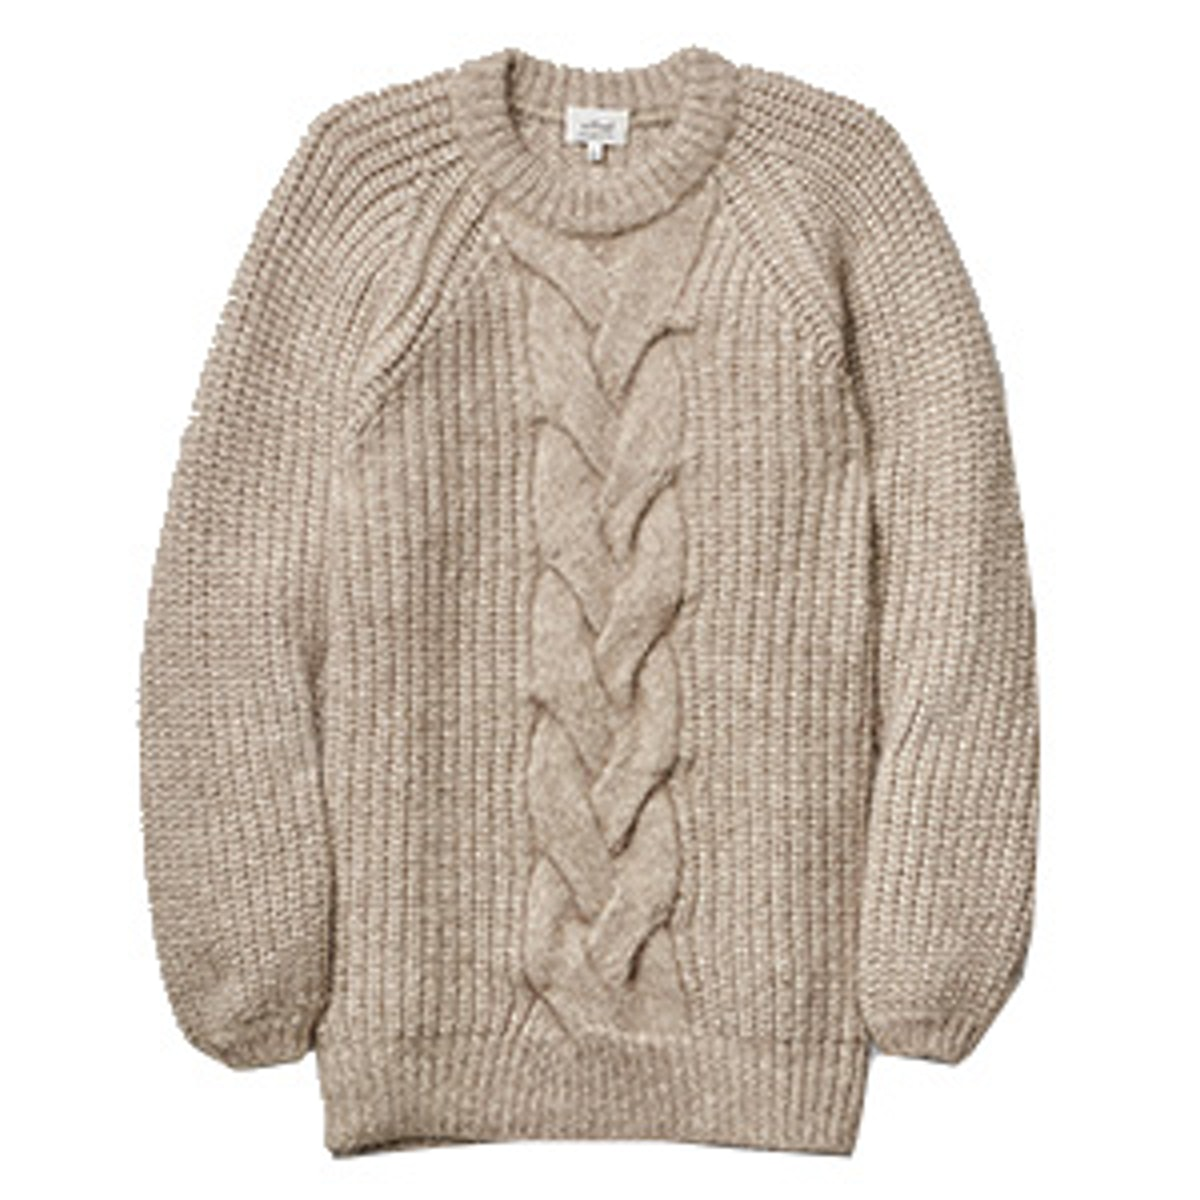 Debourg Sweater